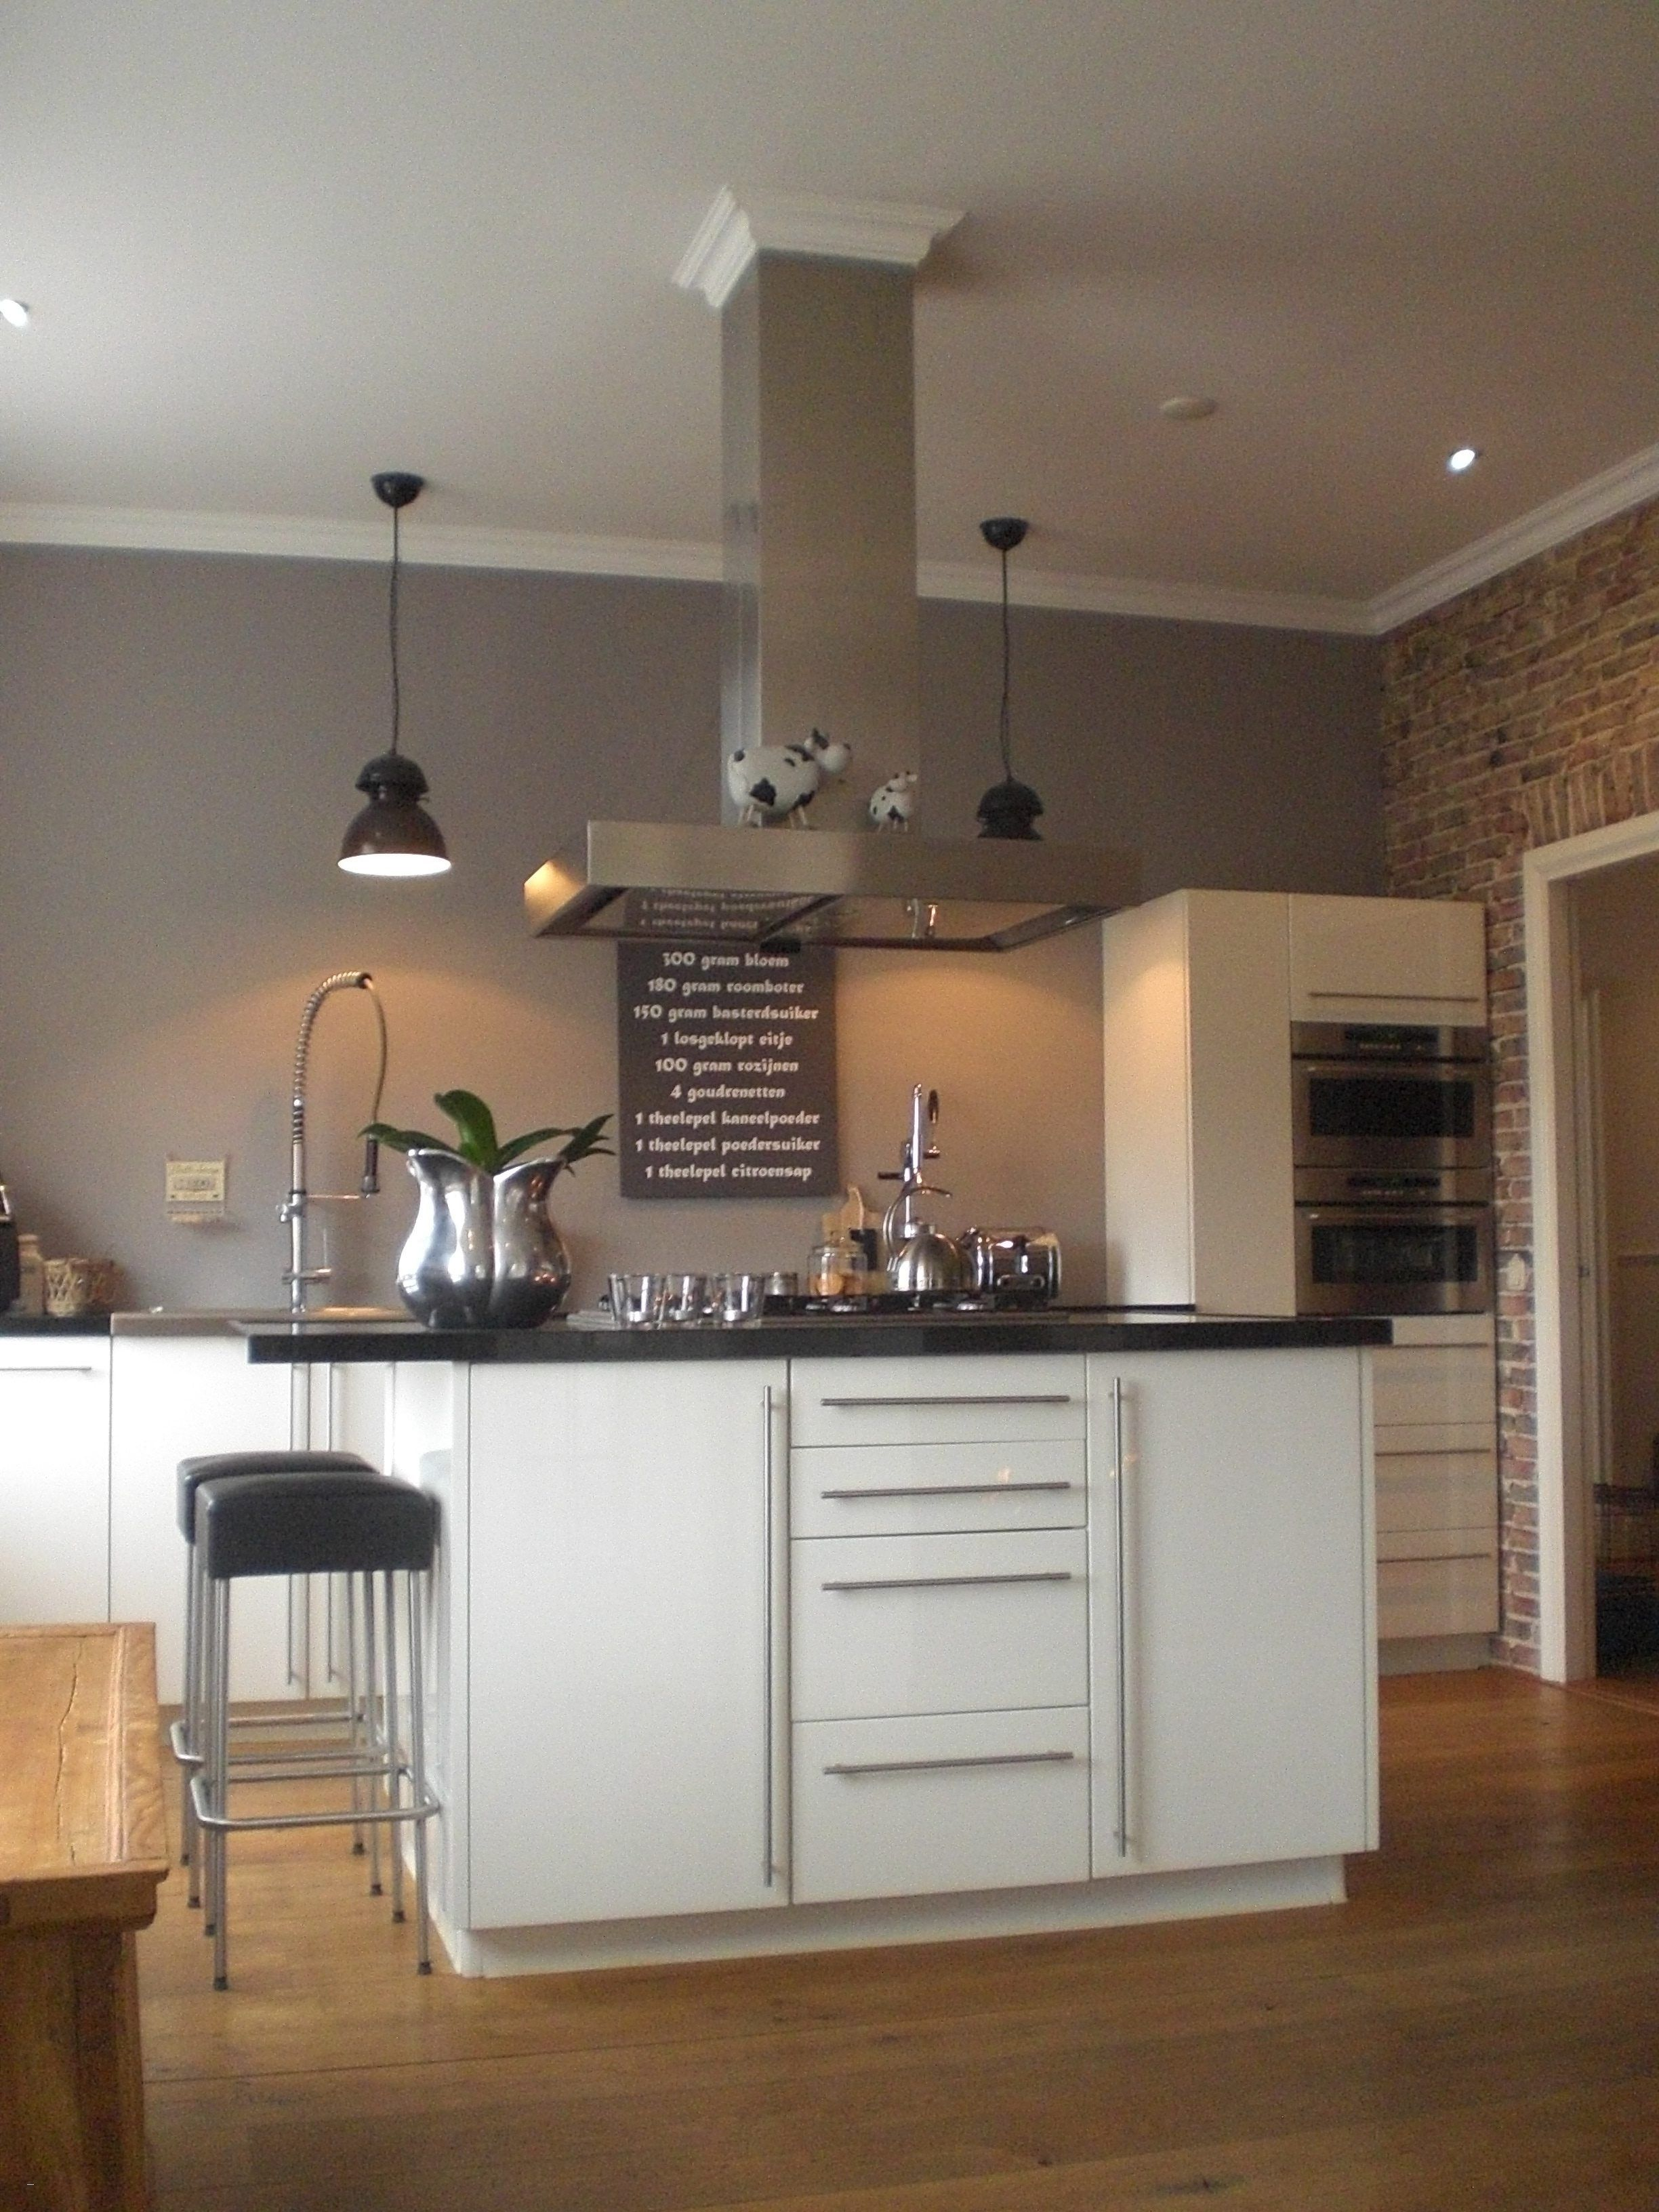 Ideen für die küche in farbe fantastisch graue farbe für küchenwände ideen  küche set ideen